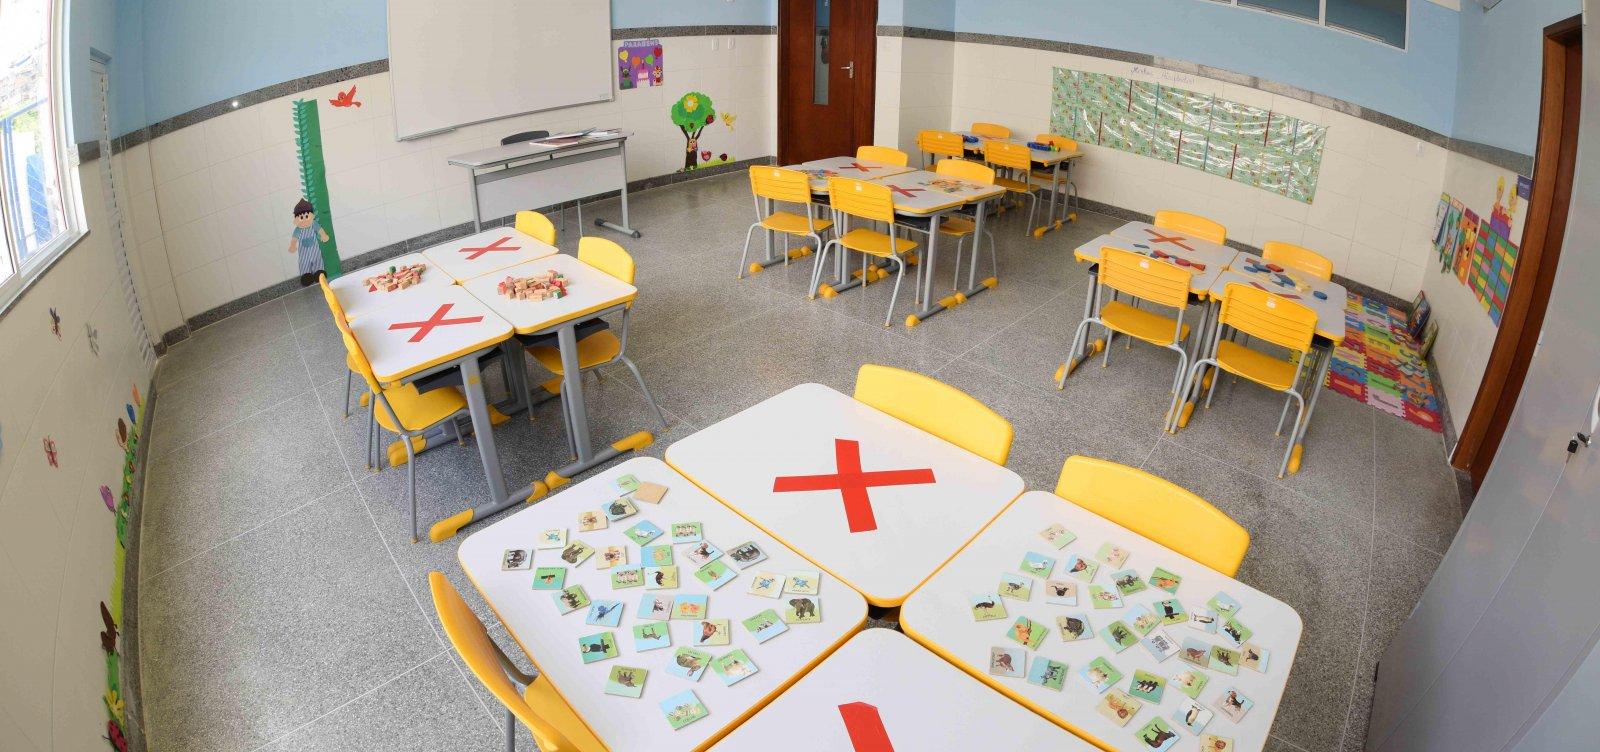 Debate sobre volta às aulas avança na Bahia e especialistas veem cenário seguro